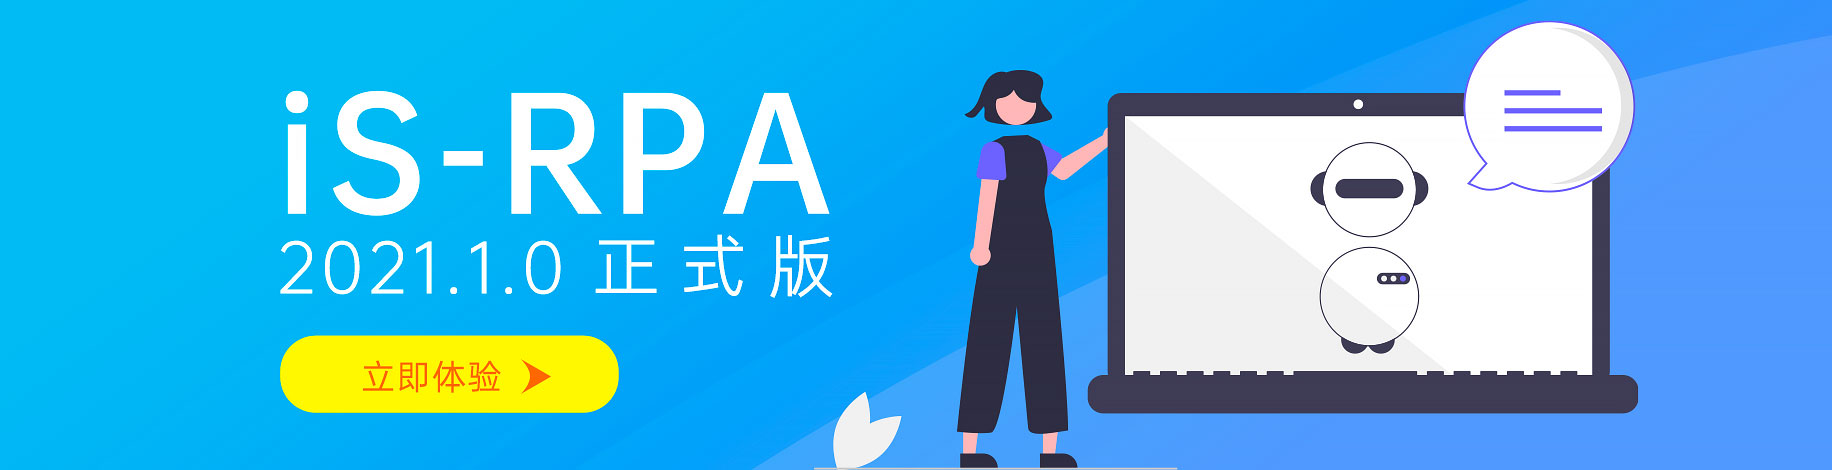 RPA2021.1.0版本发布